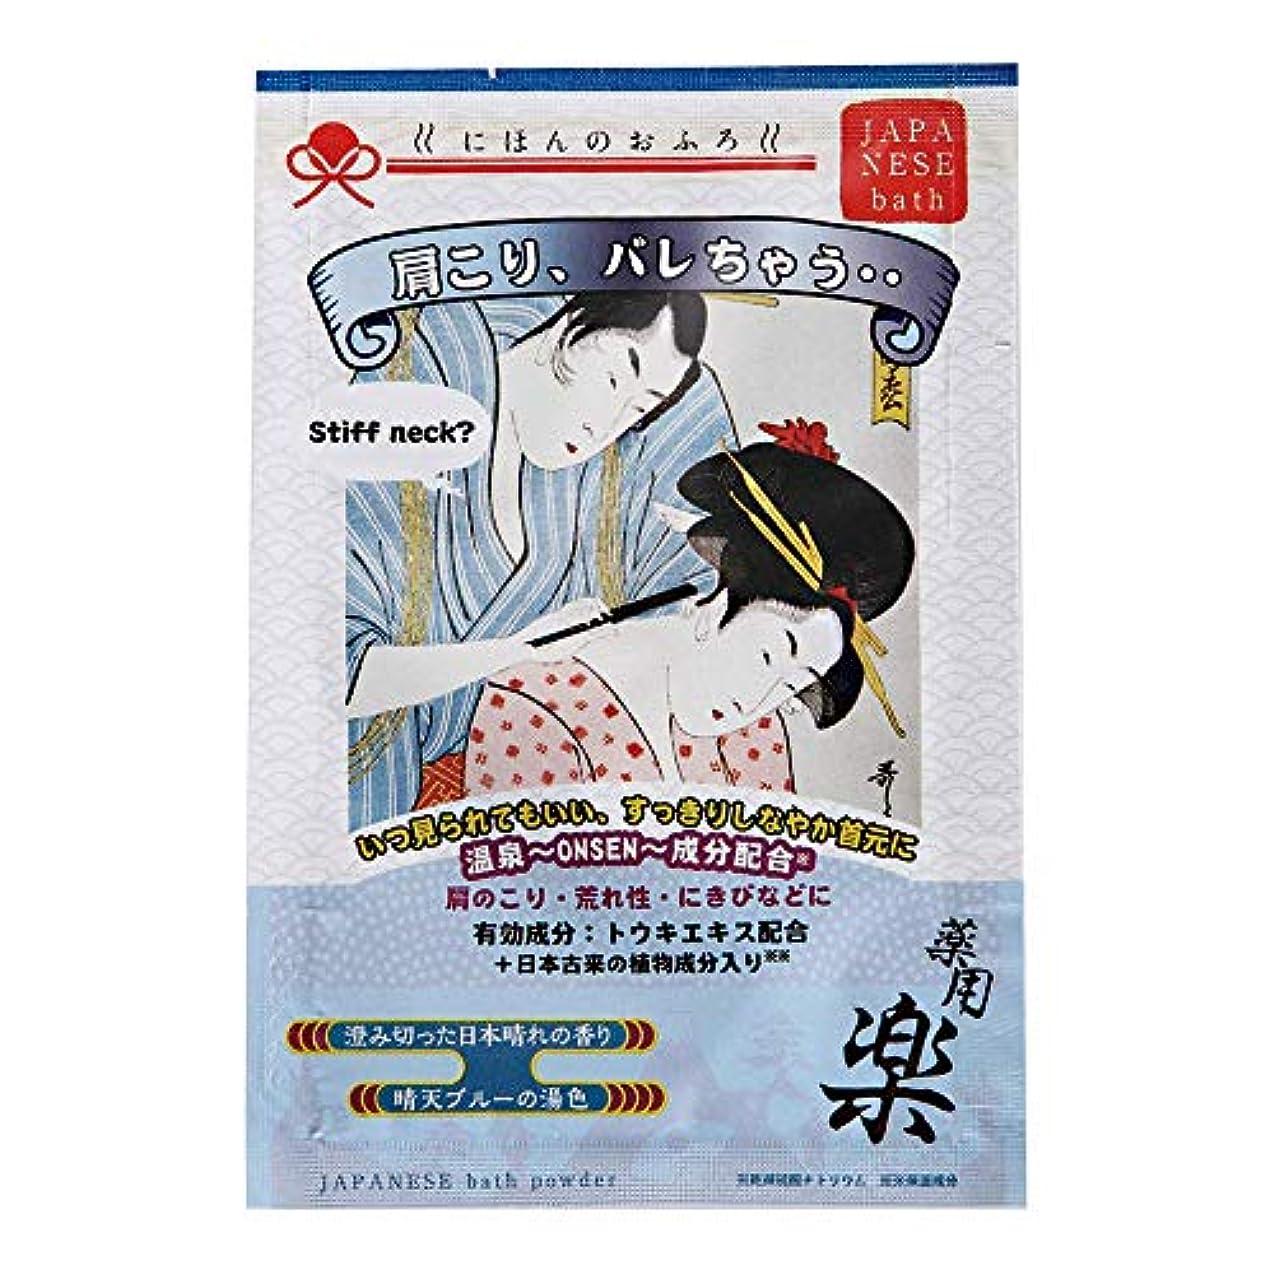 フラフープ実験をする露出度の高いにほんのおふろ 肩こり、バレちゃう・・ 澄み切った日本晴れの香り 25g